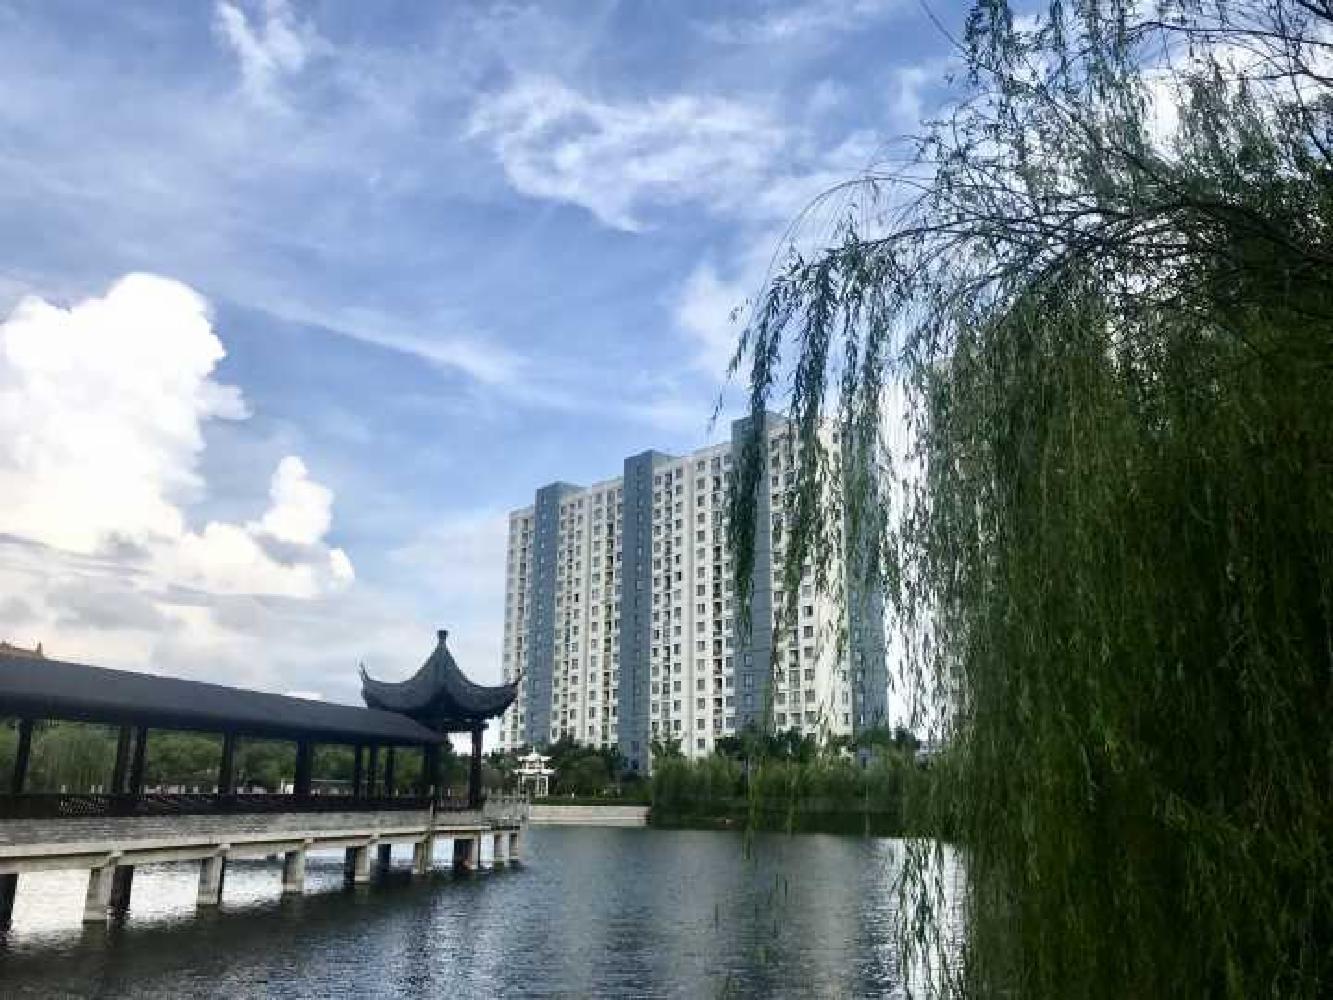 城西新楼盘 龙山雅苑 高楼层 电梯 景观房 风景绝对优美迷人